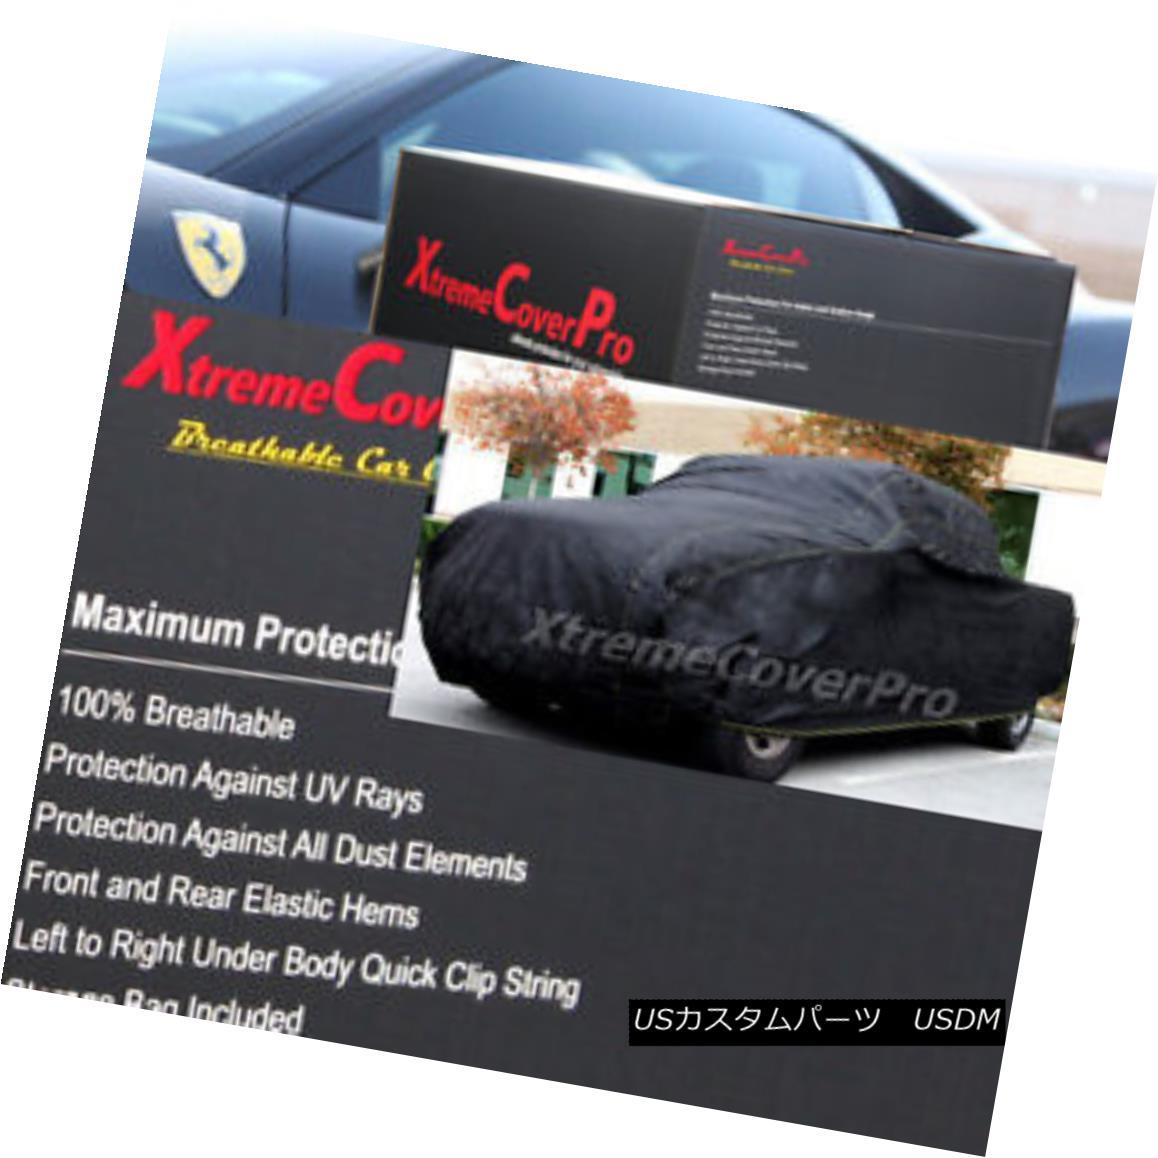 カーカバー 1999 2000 2001 GMC Sierra 2500 Reg Cab 8ft Bed Breathable Truck Cover 1999 2000 2001 GMC Sierra 2500 Regキャブ8ftベッド通気性トラックカバー